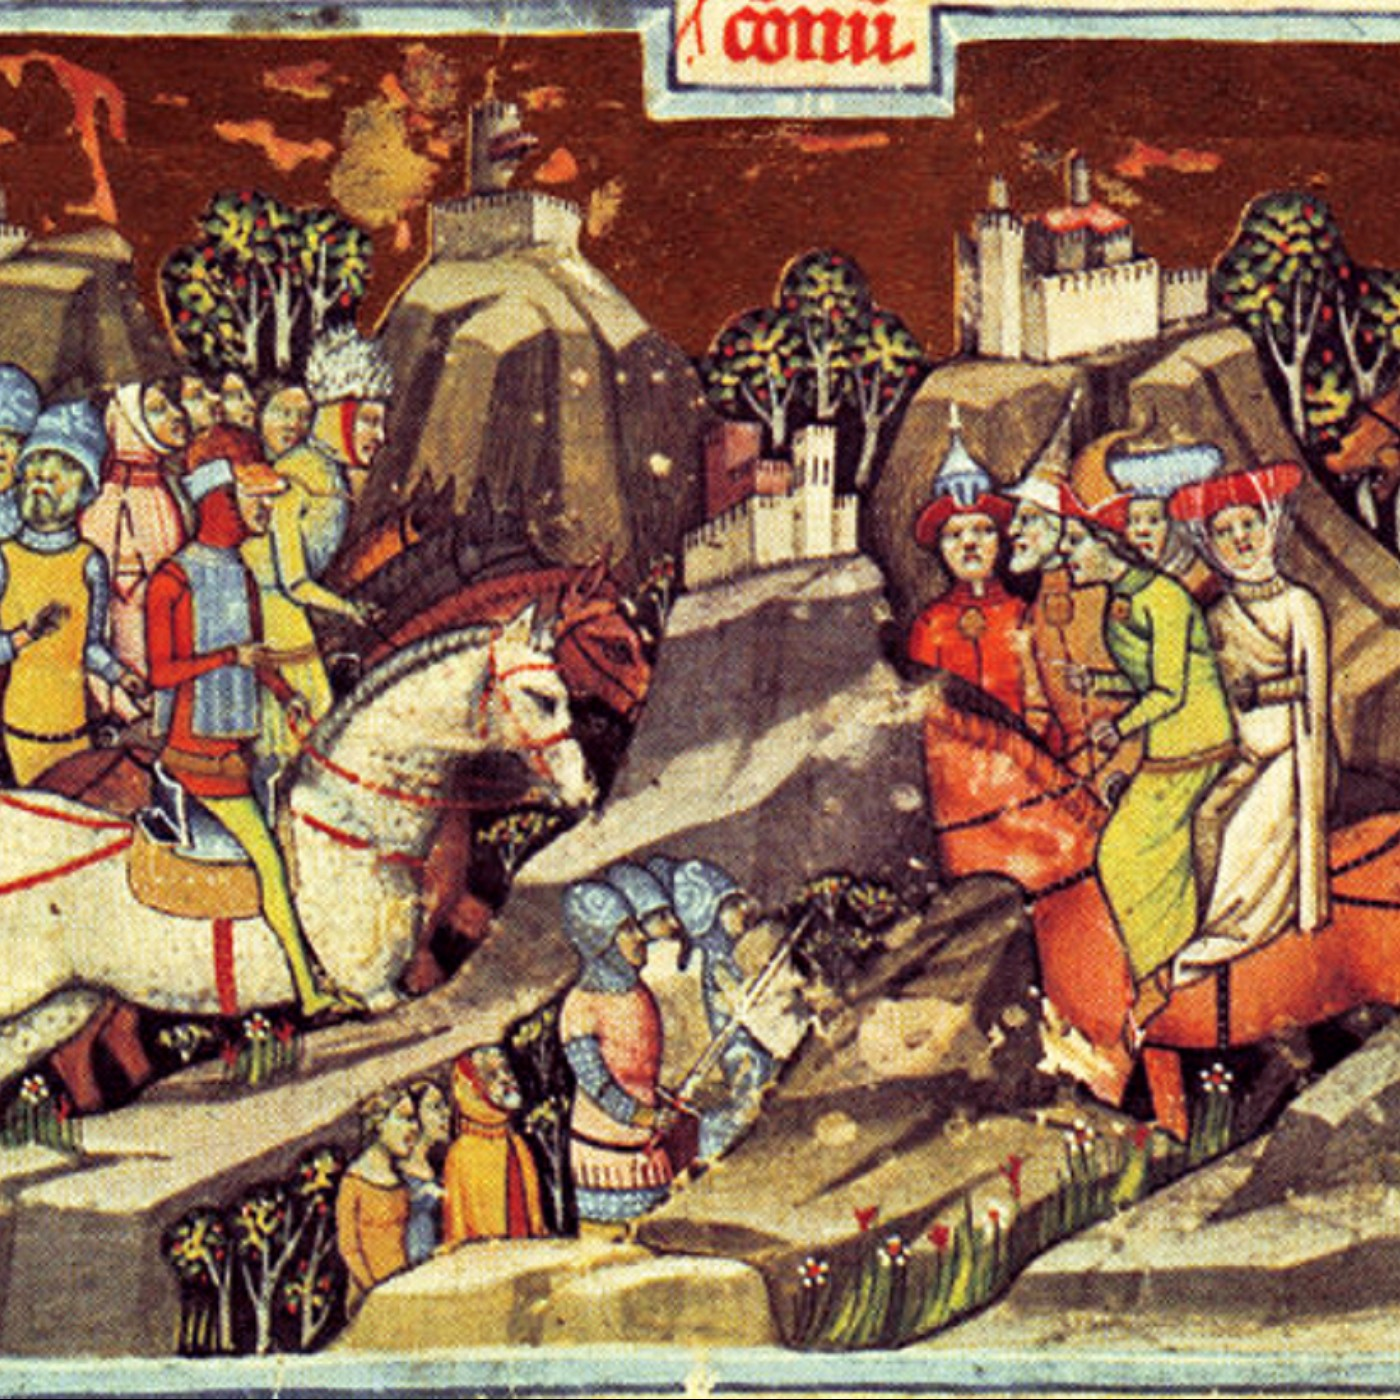 突厥簡史-庫曼欽察汗國900-1220,庫曼汗國繼承了基馬克汗國、可薩汗國、打下了中亞烏古斯葉護國、葛邏祿葉護國、花剌子模等,最後抵擋不住蒙古西征軍被收服成為拔都創建的欽察汗國的最主要組成份子 2021.07.18